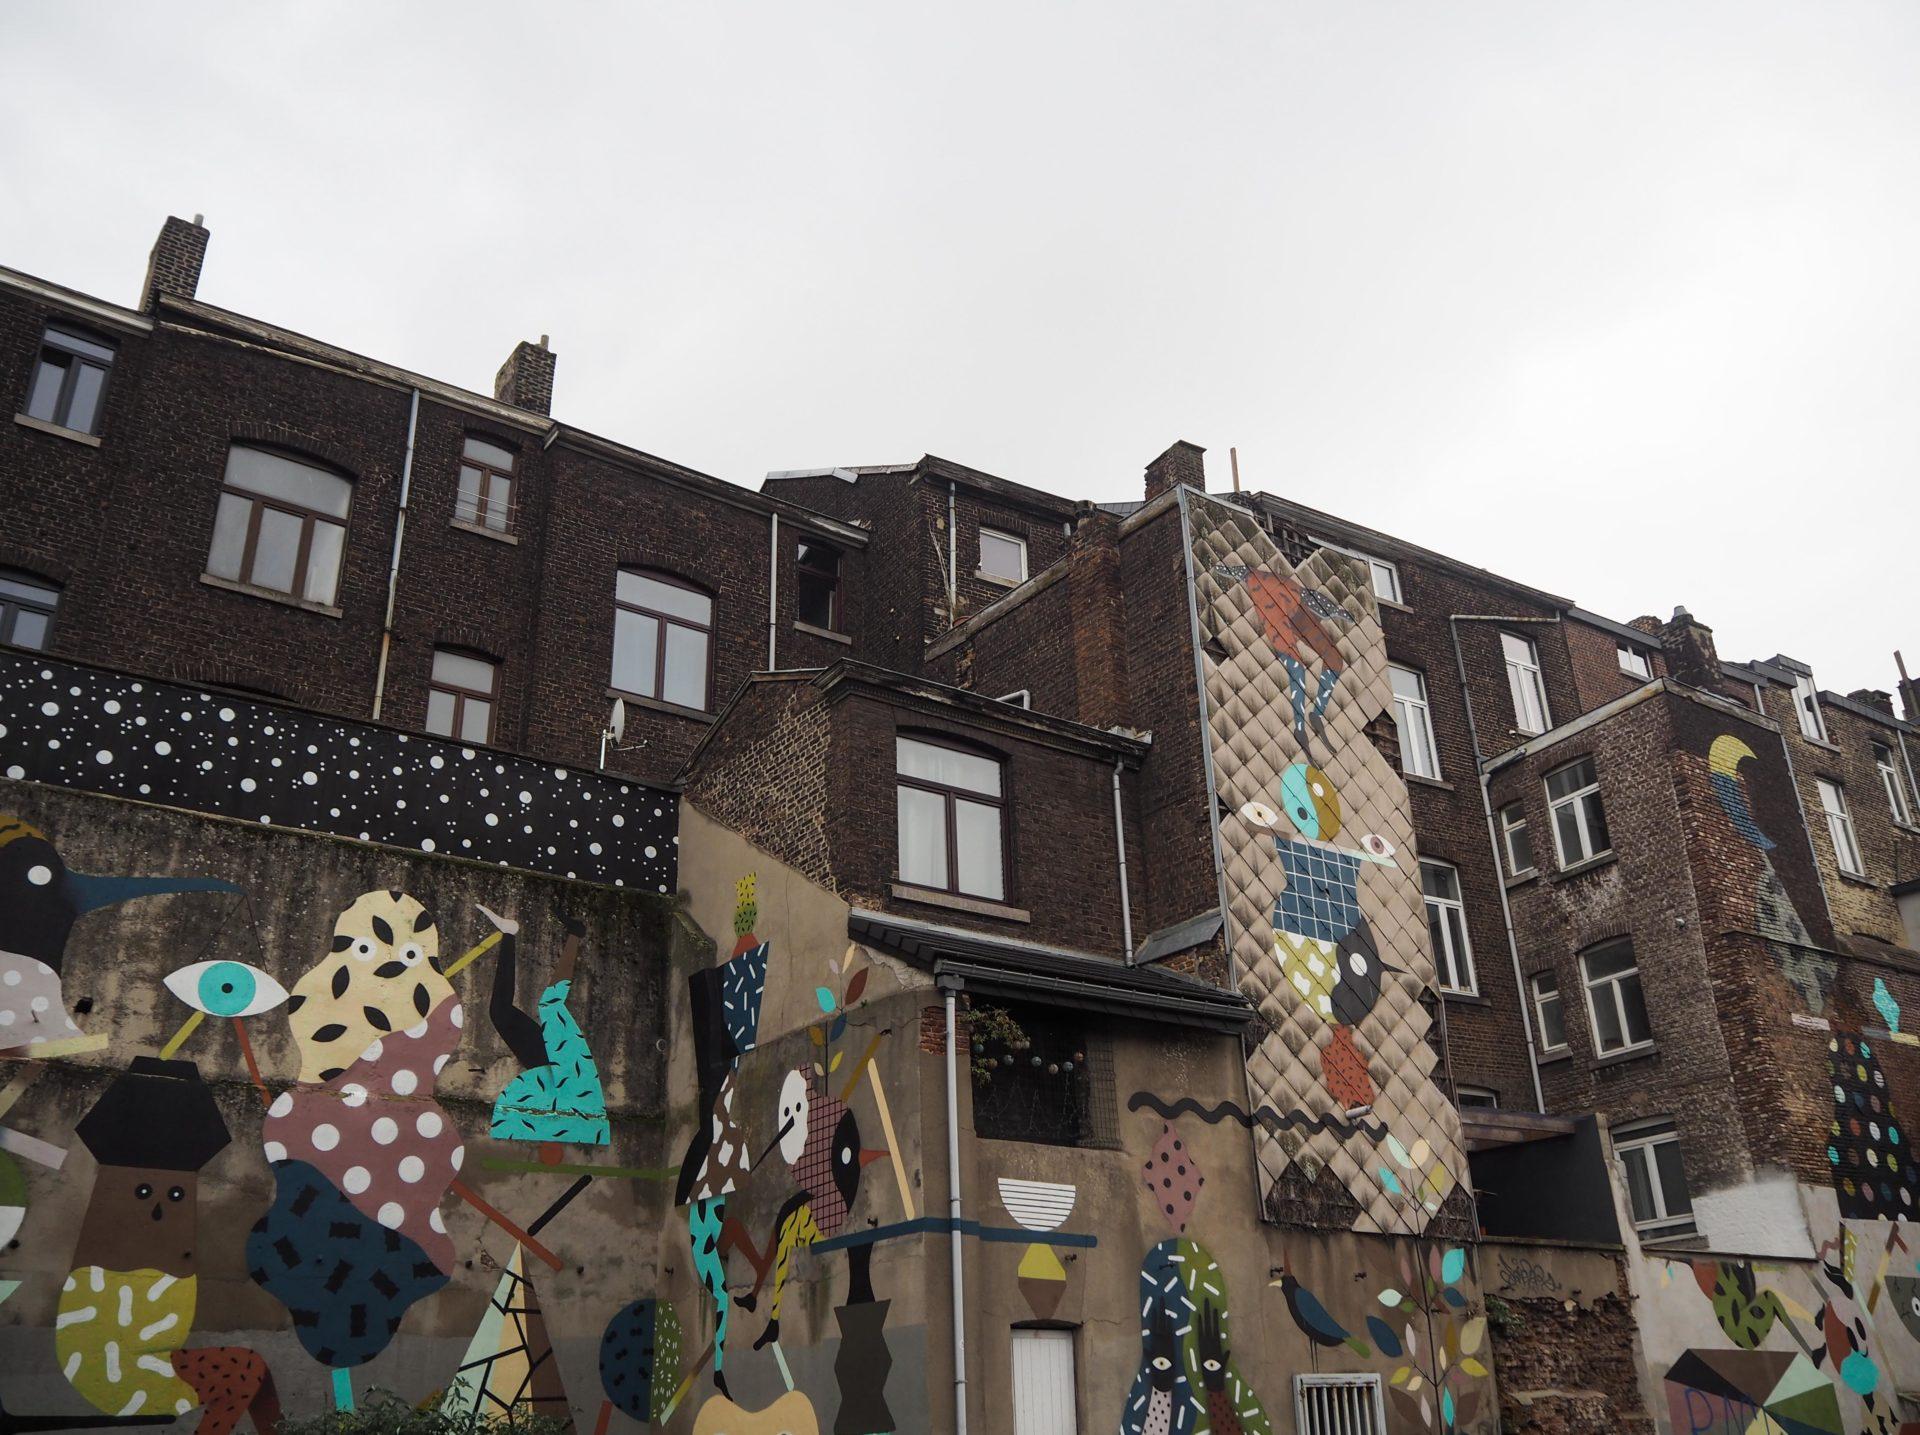 Street art à Liège - Visiter Liège en Belgique en mode slow - Que faire et que visiter à Liège? - Adresses slow et gourmandes à Liège - Informations pratiques pour visiter Liège et en tomber amoureuse en quelques instants!